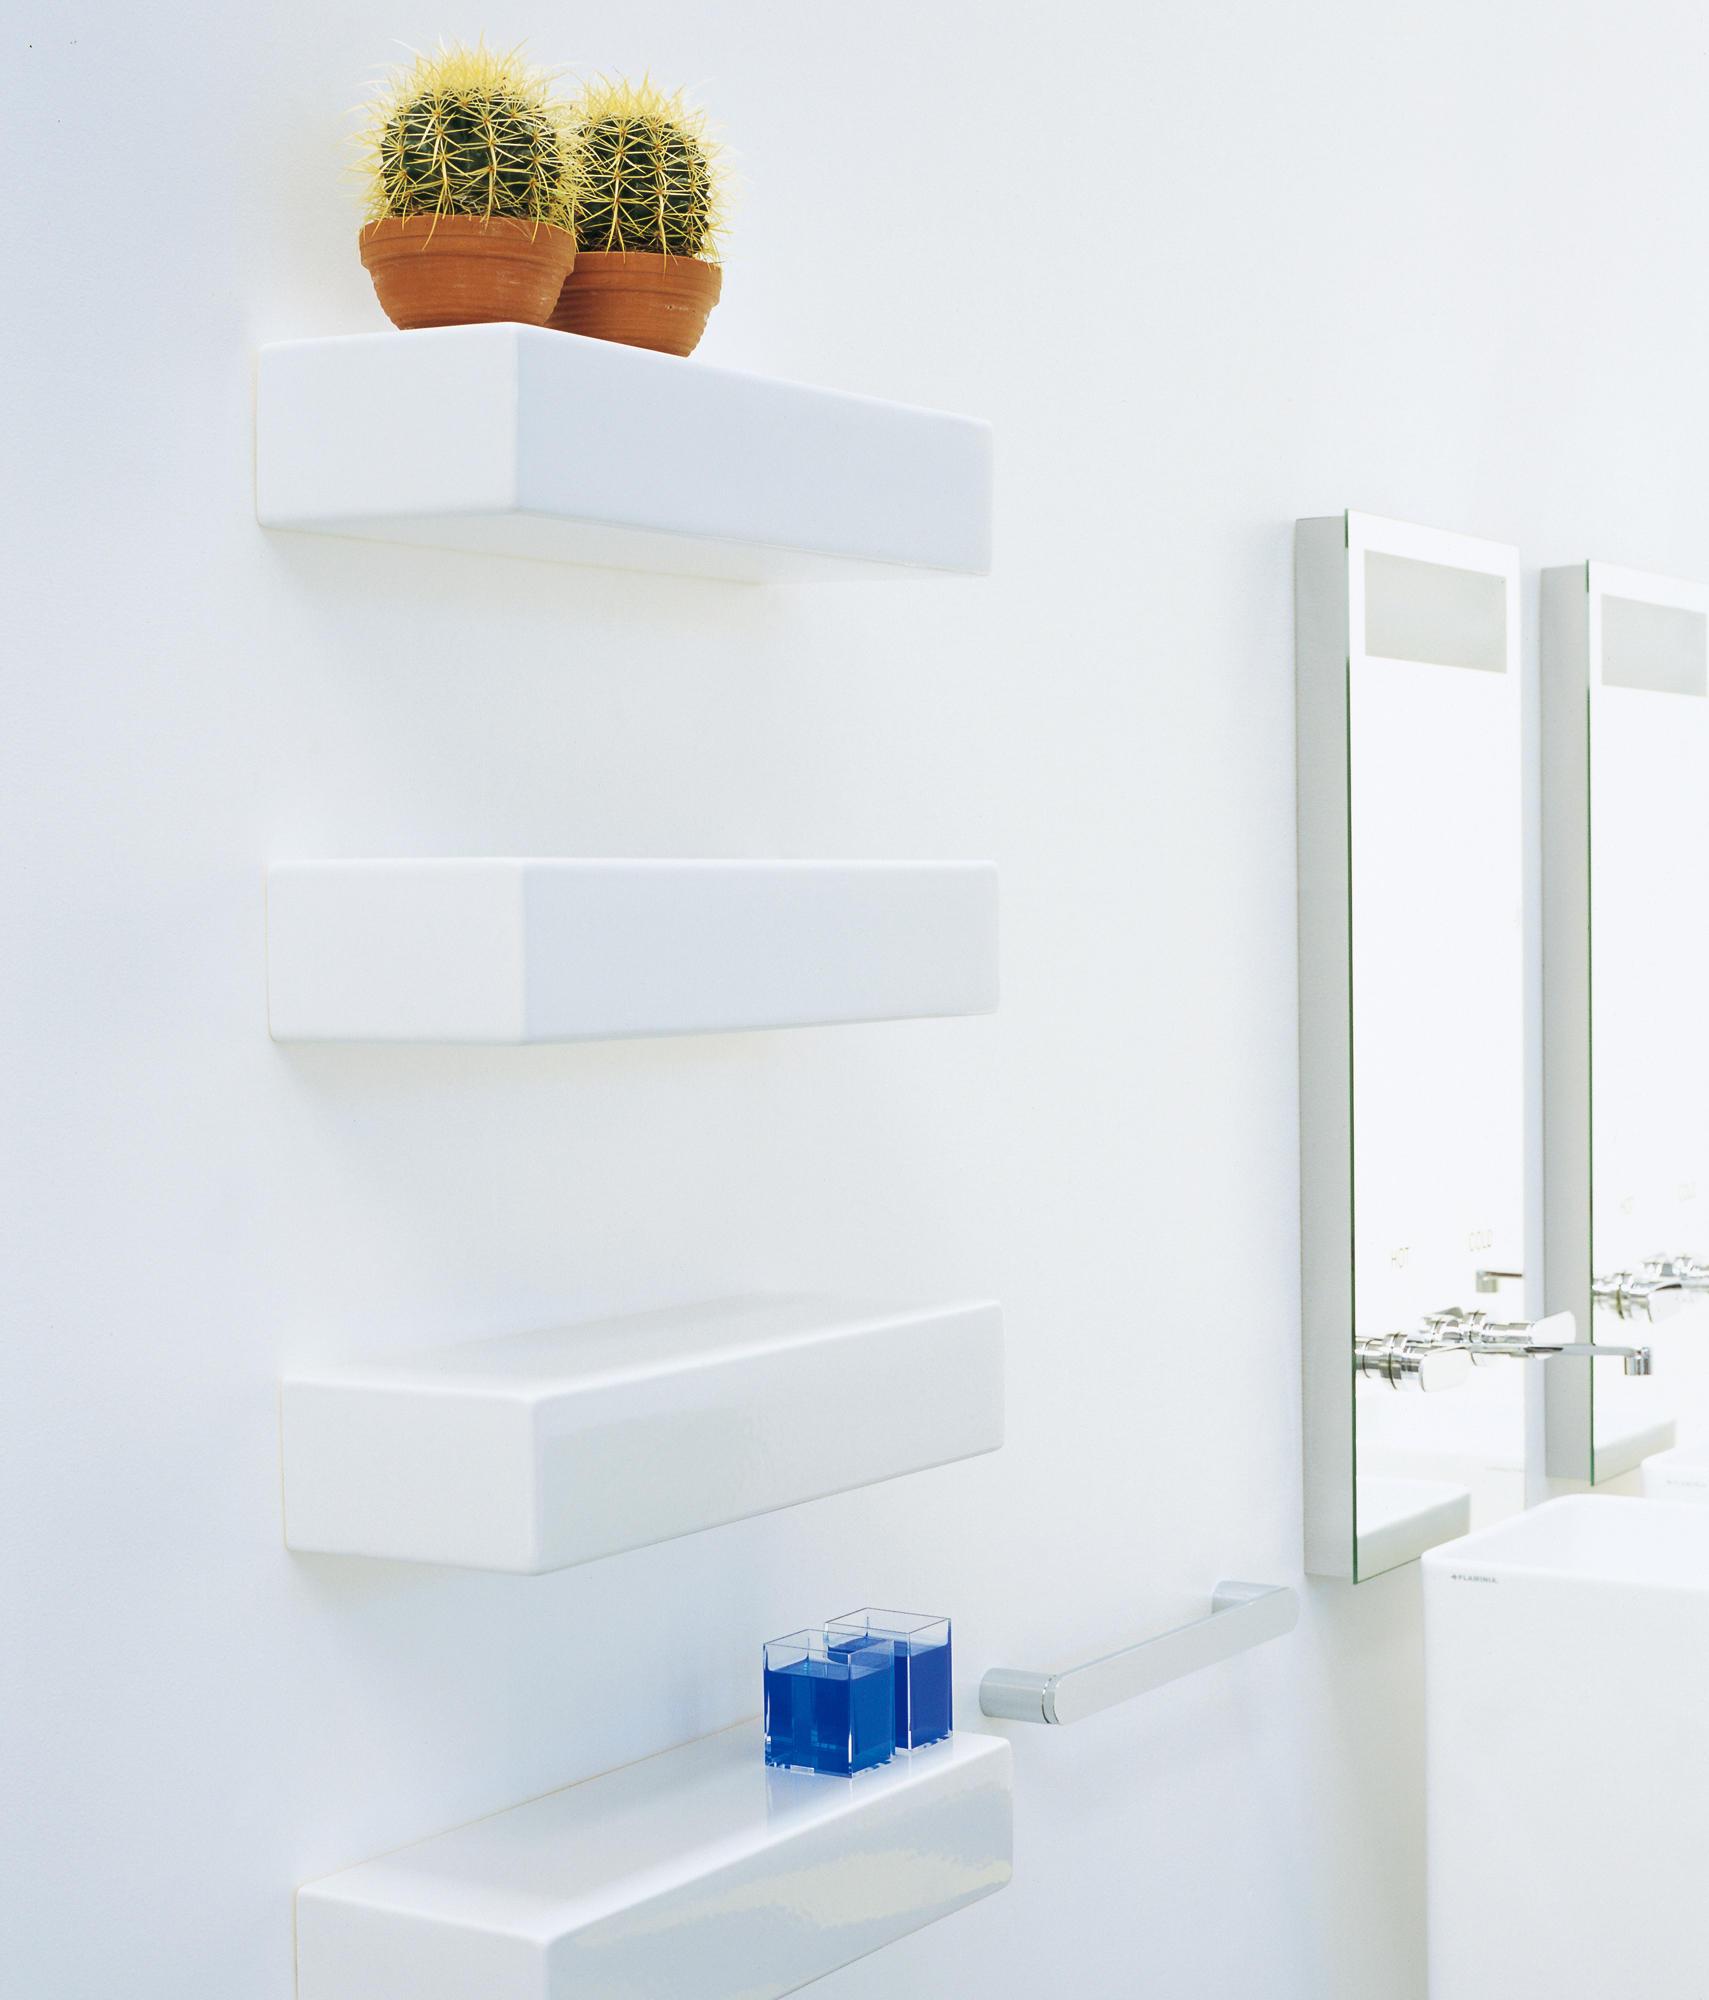 BRICK SHELF - Bath shelves from Ceramica Flaminia | Architonic